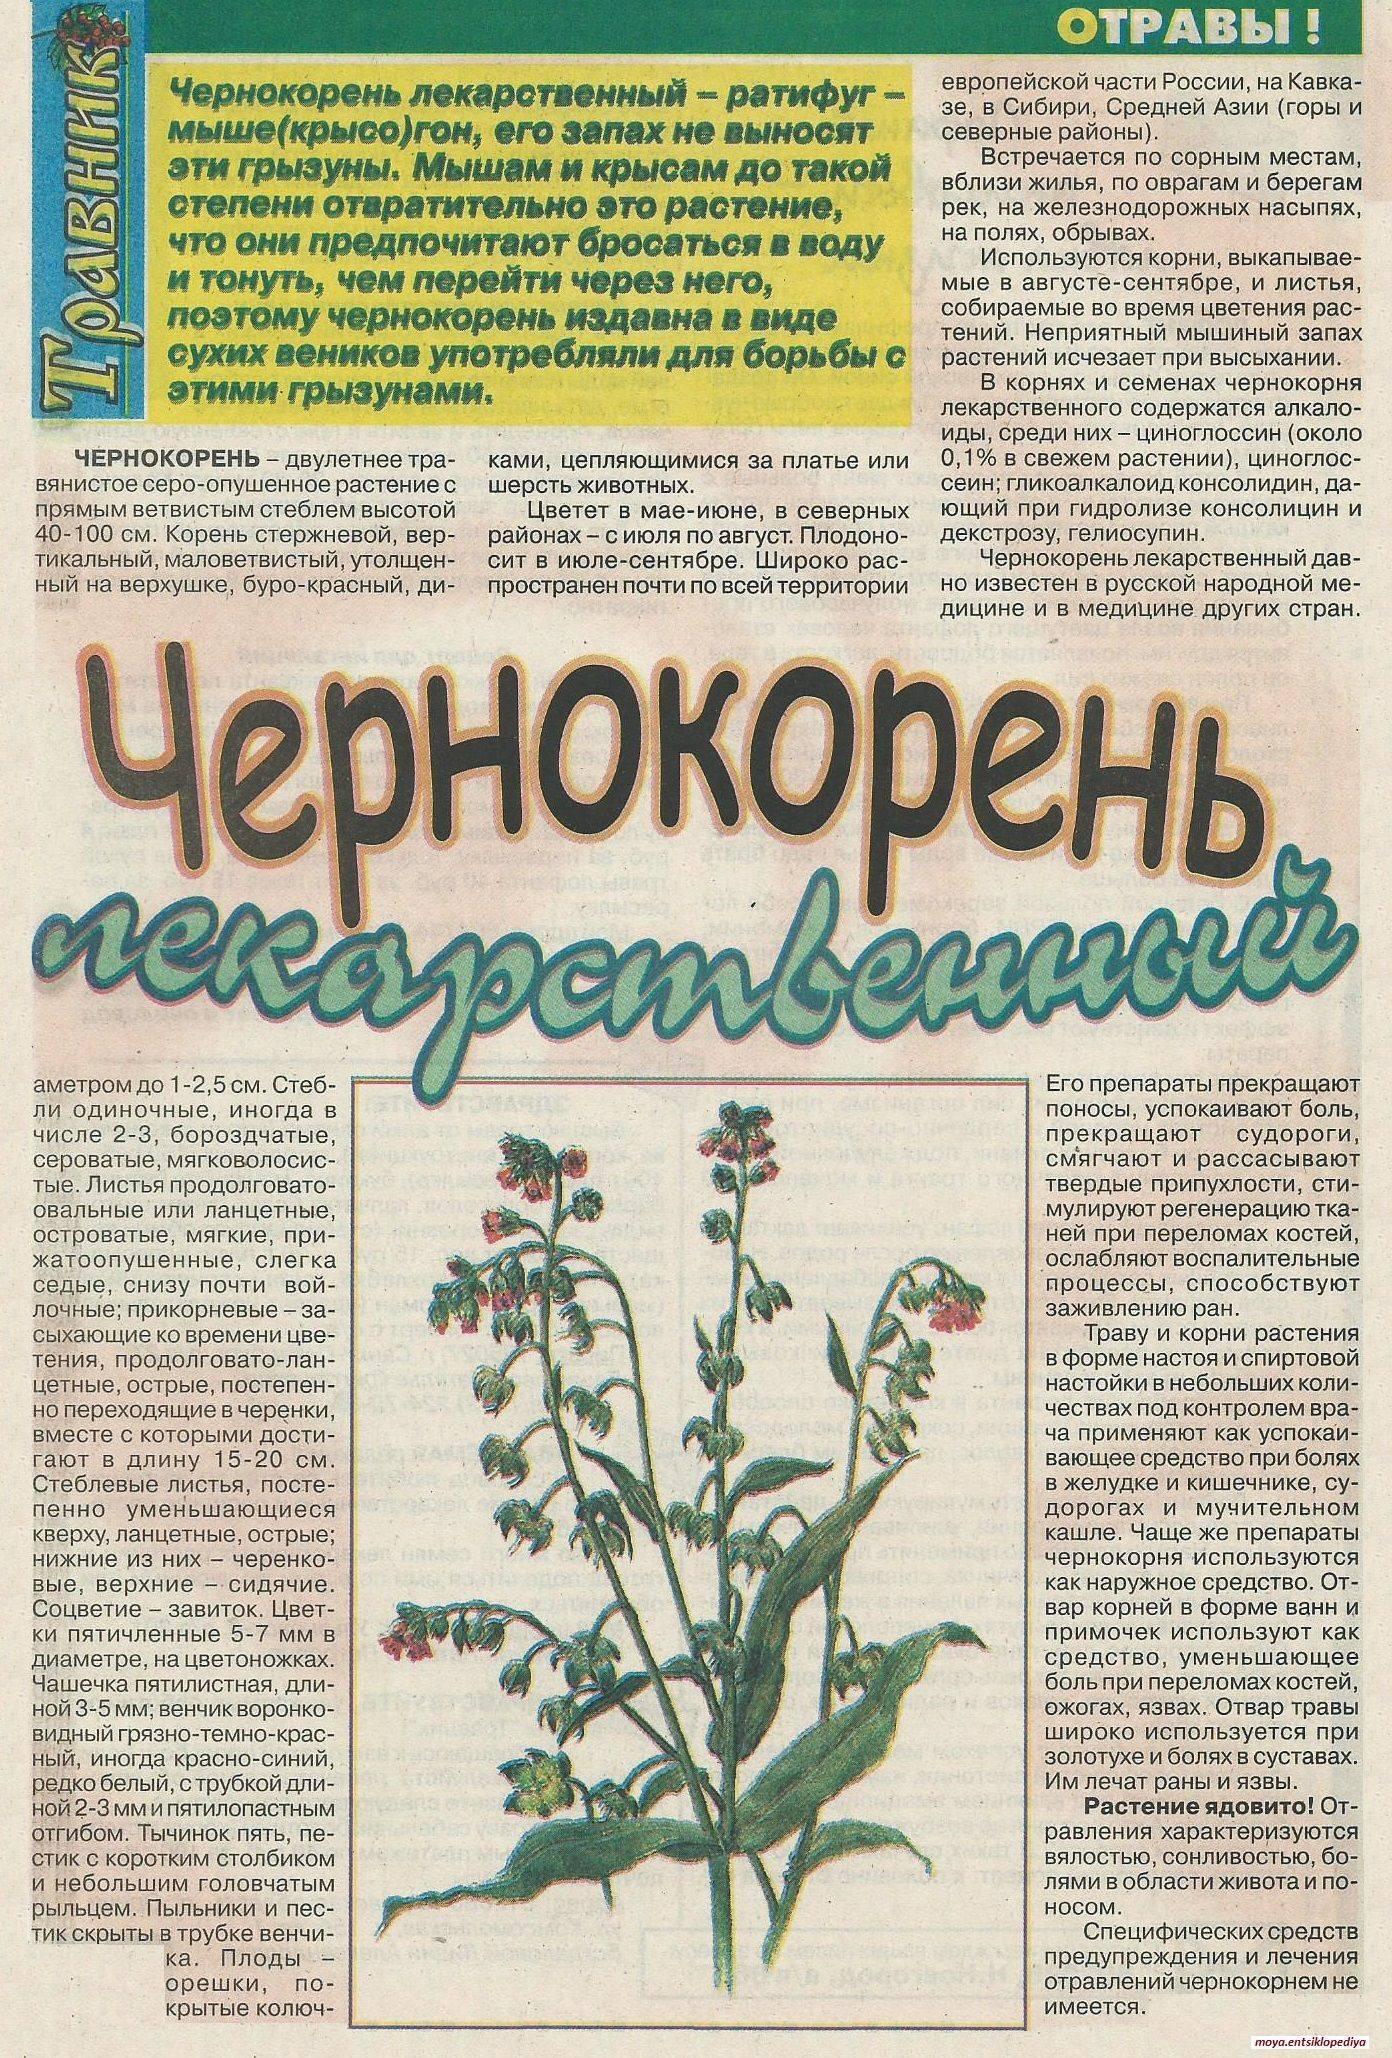 Лекарственный чернокорень: описание, лечебные свойства и вред, применение растения